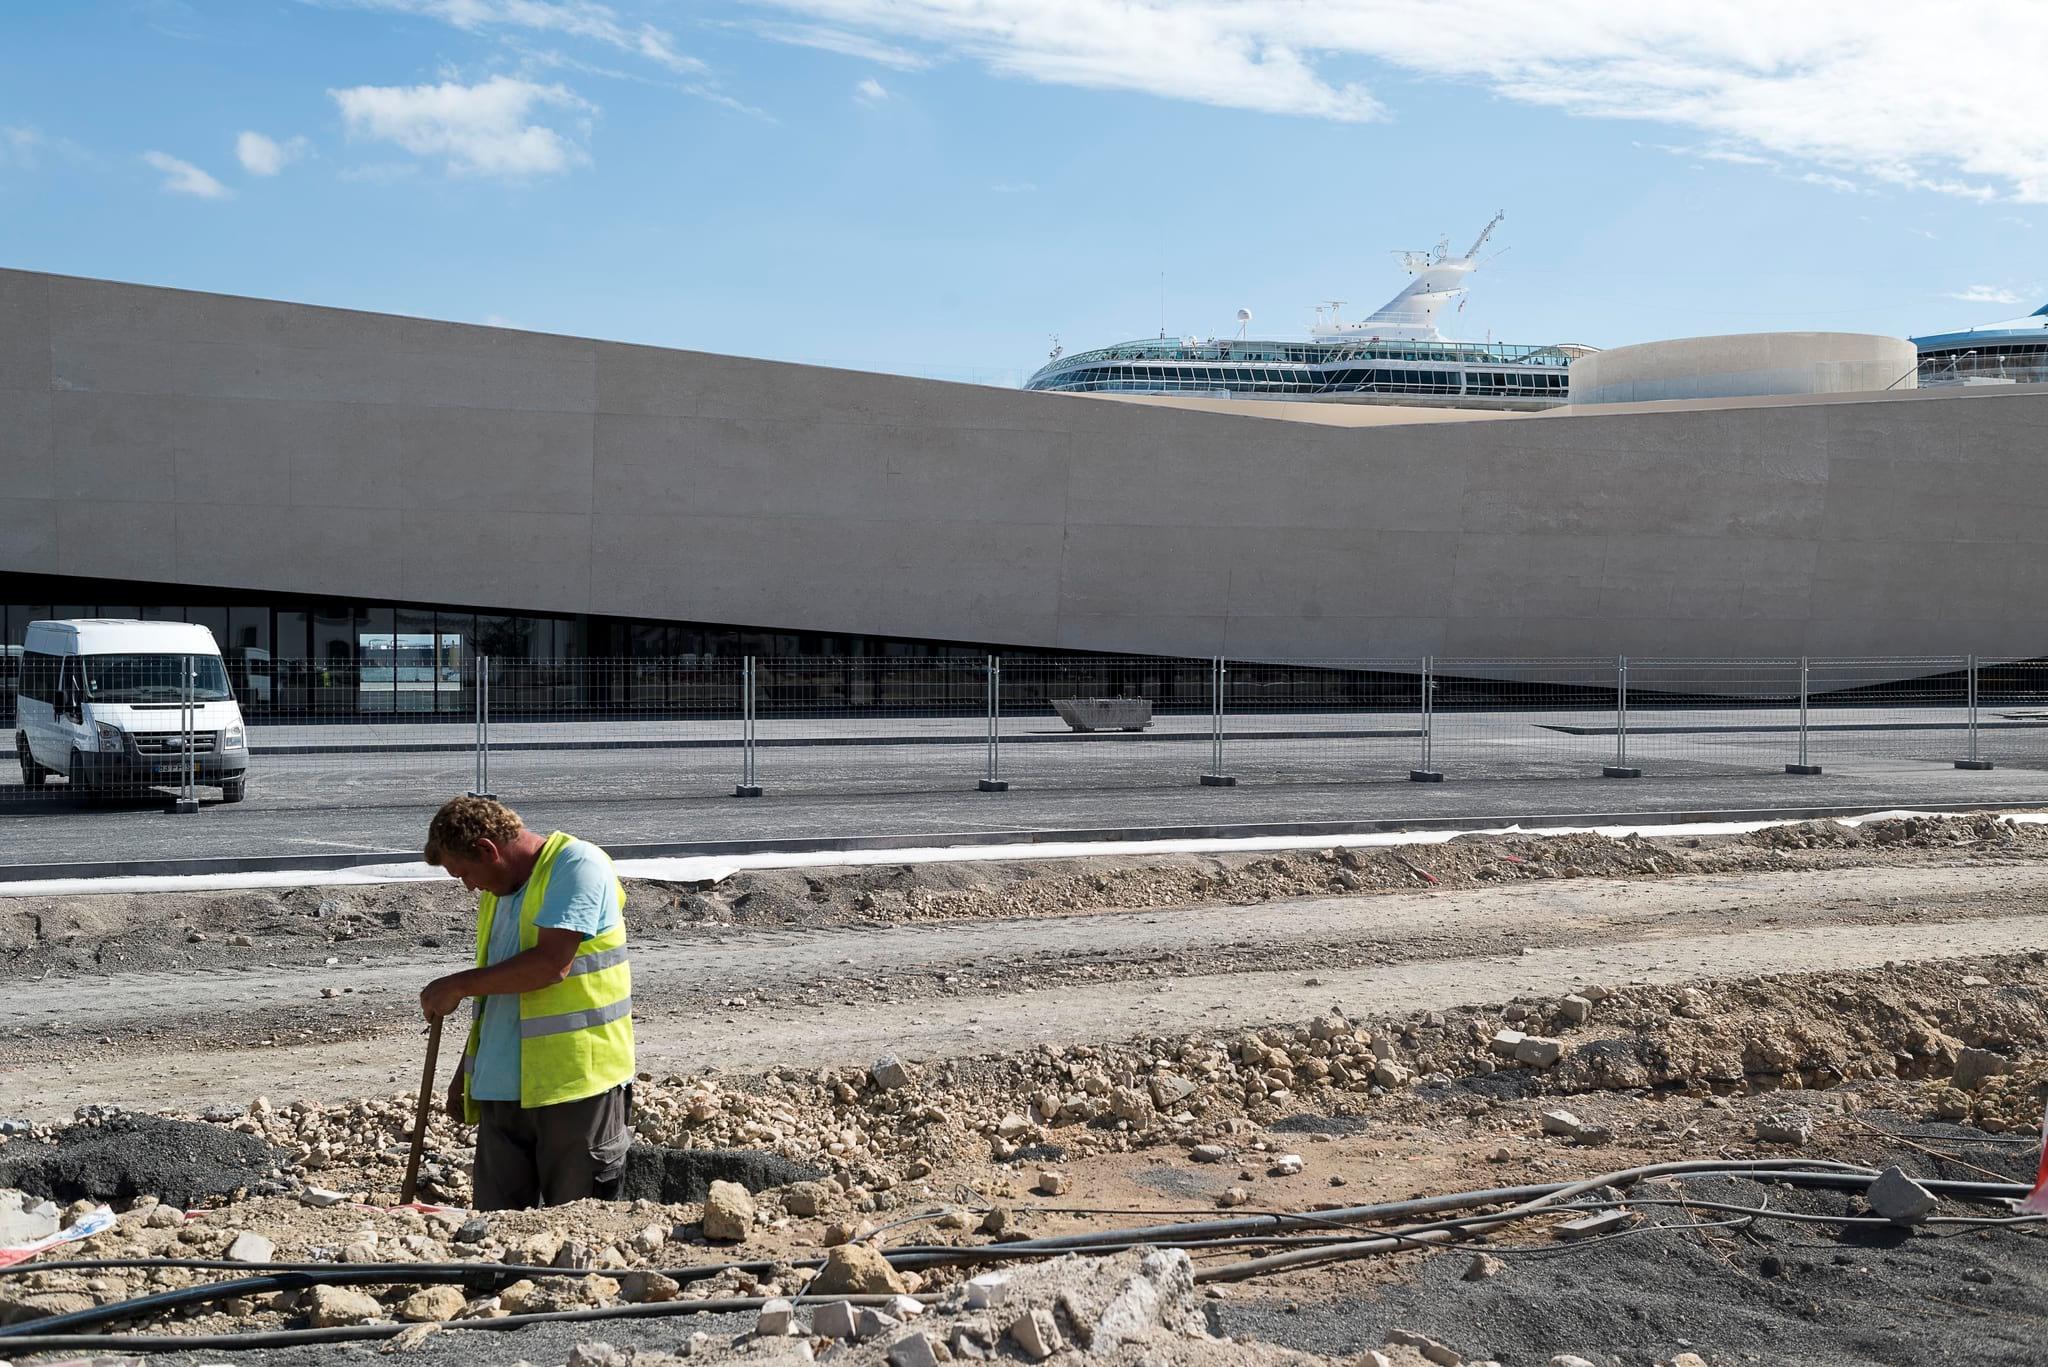 """PÚBLICO - Novo terminal de cruzeiros abriu e fechou no mesmo dia. Está em """"abertura beta"""""""